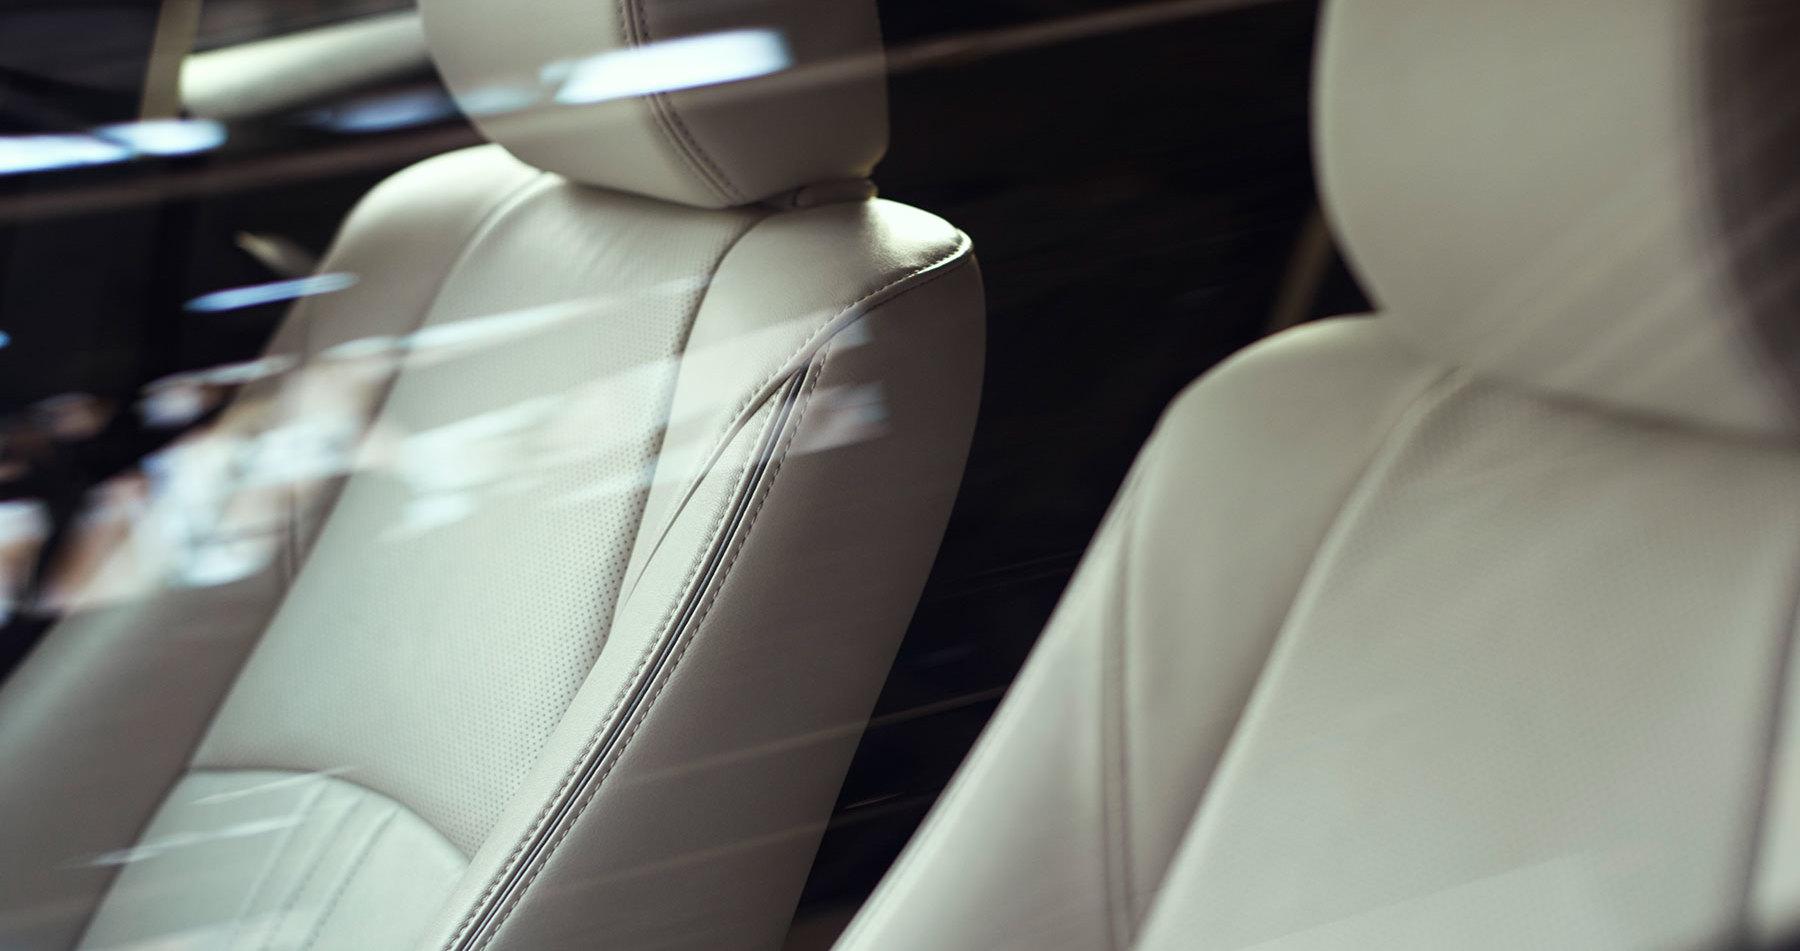 2019 Mazda CX-3 Upholstery